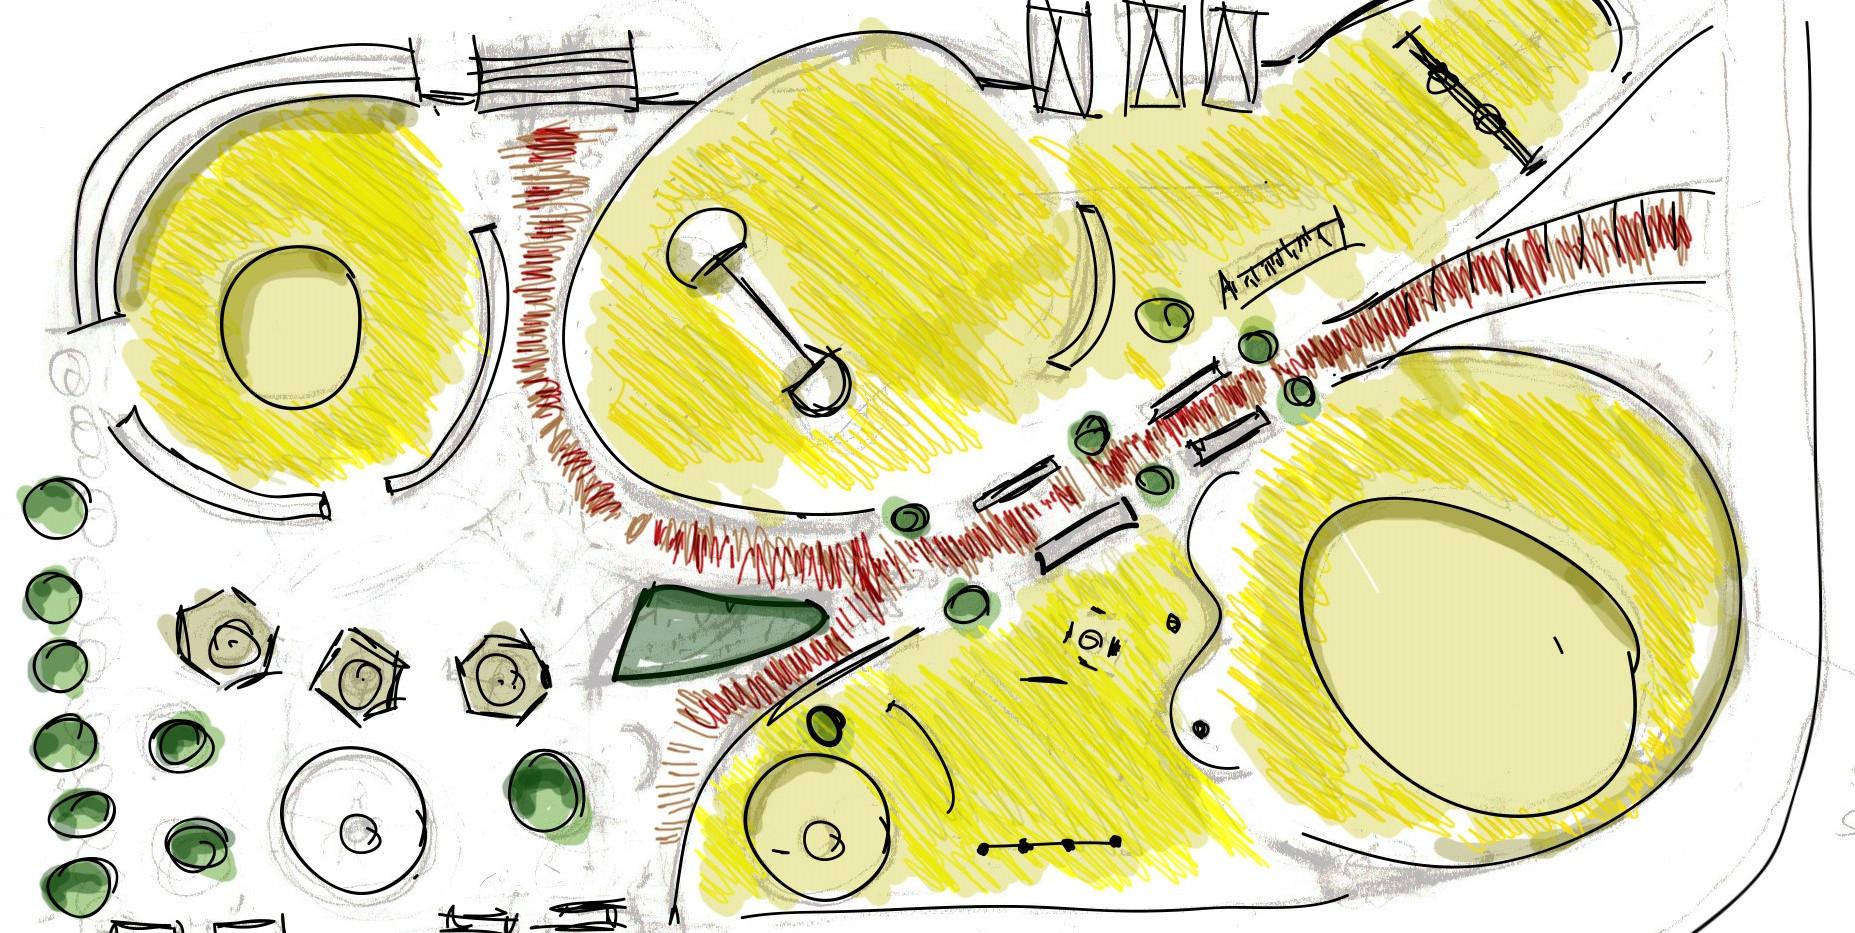 Participatory design sessions outcome